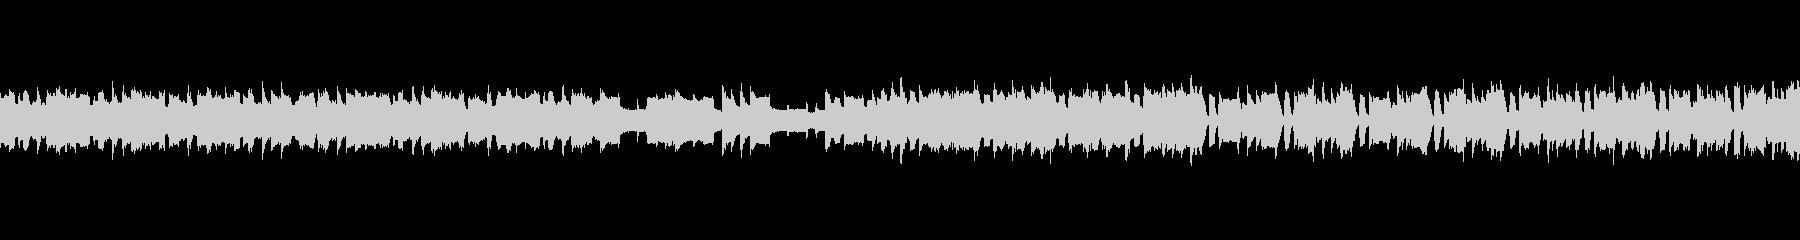 ファミコン風レトロRPG-洞窟ダンジョンの未再生の波形